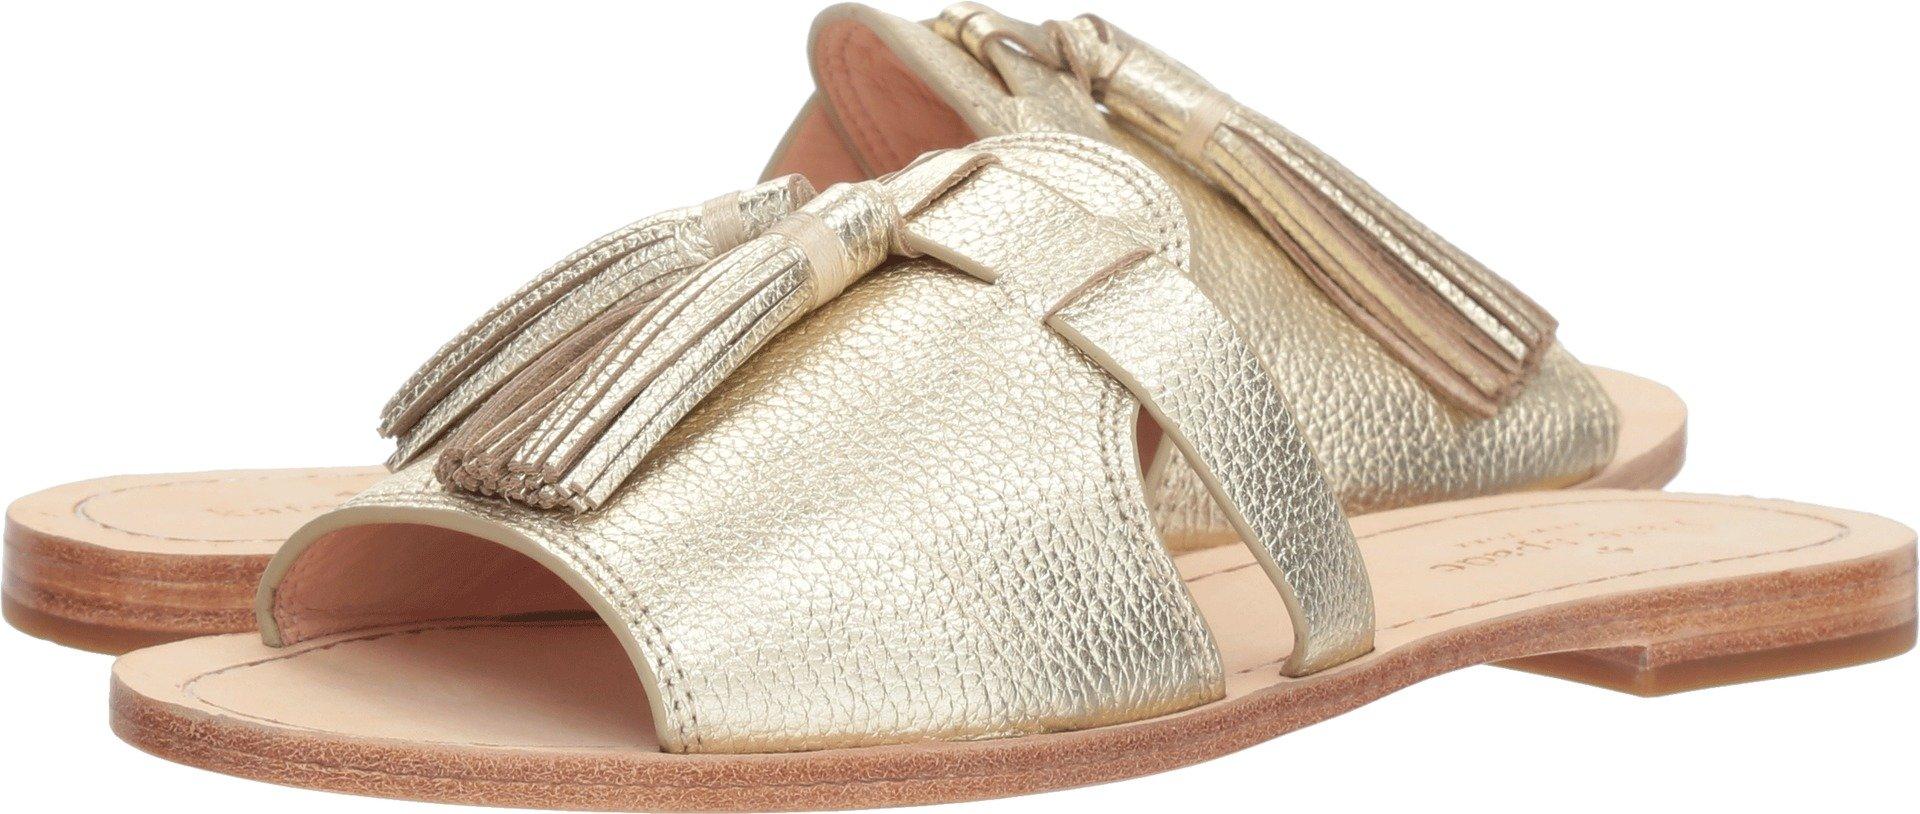 Kate Spade New York Women's Coby Slide Sandal, Gold, 8 M US